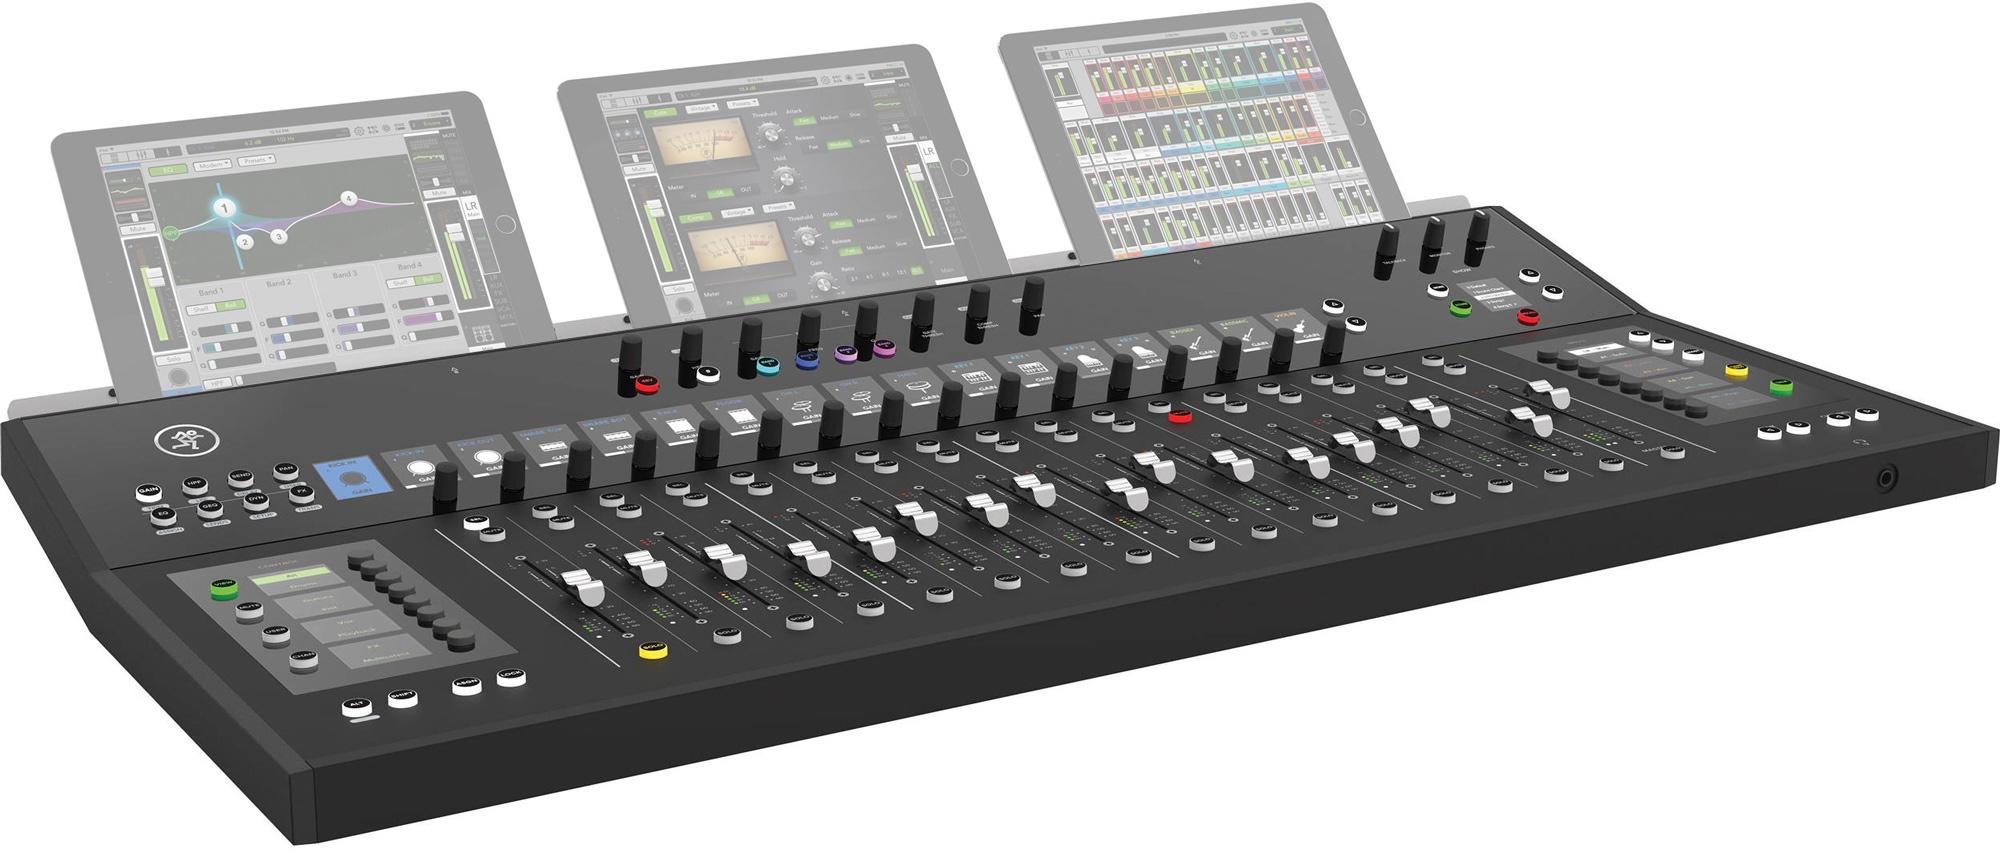 DC16 controller